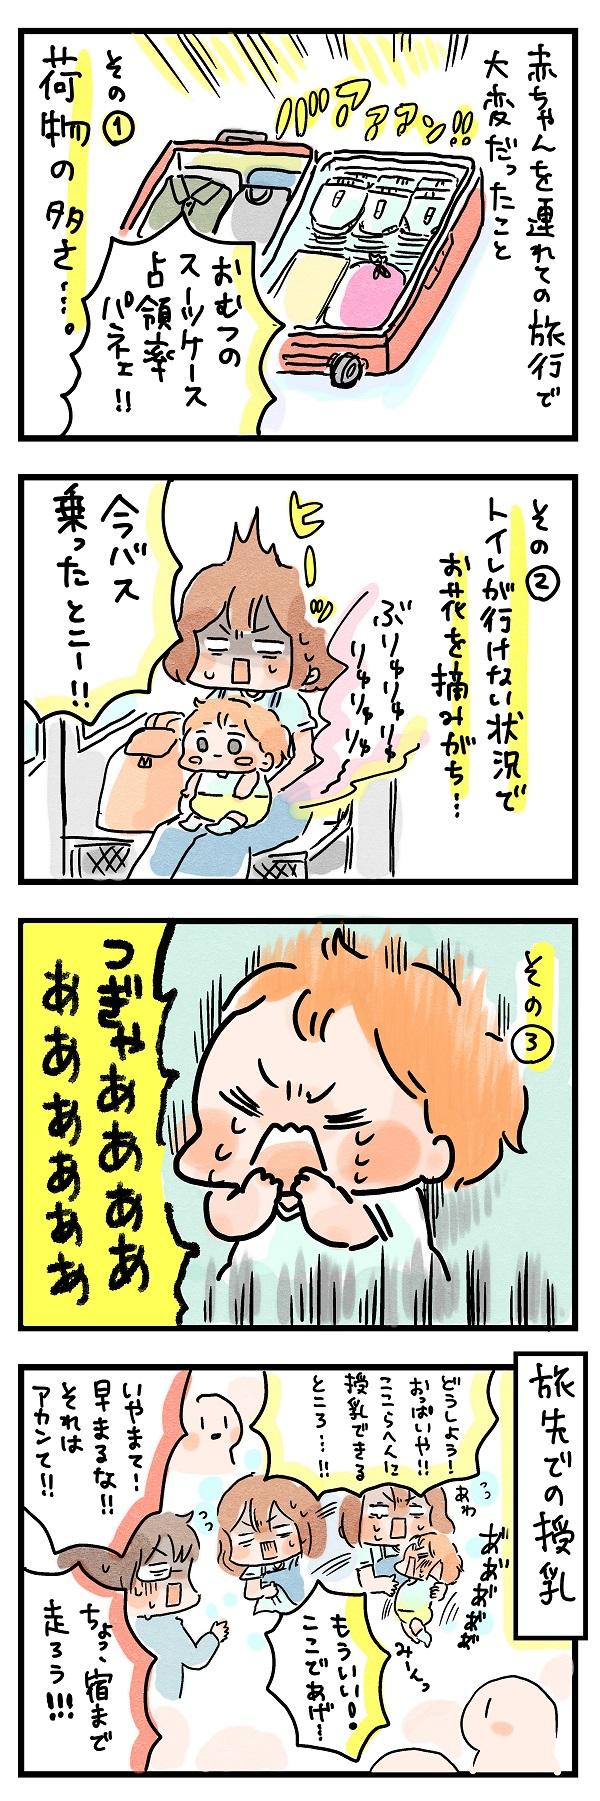 赤ちゃんを連れた旅行で大変だったこと。荷物、トイレ、授乳。